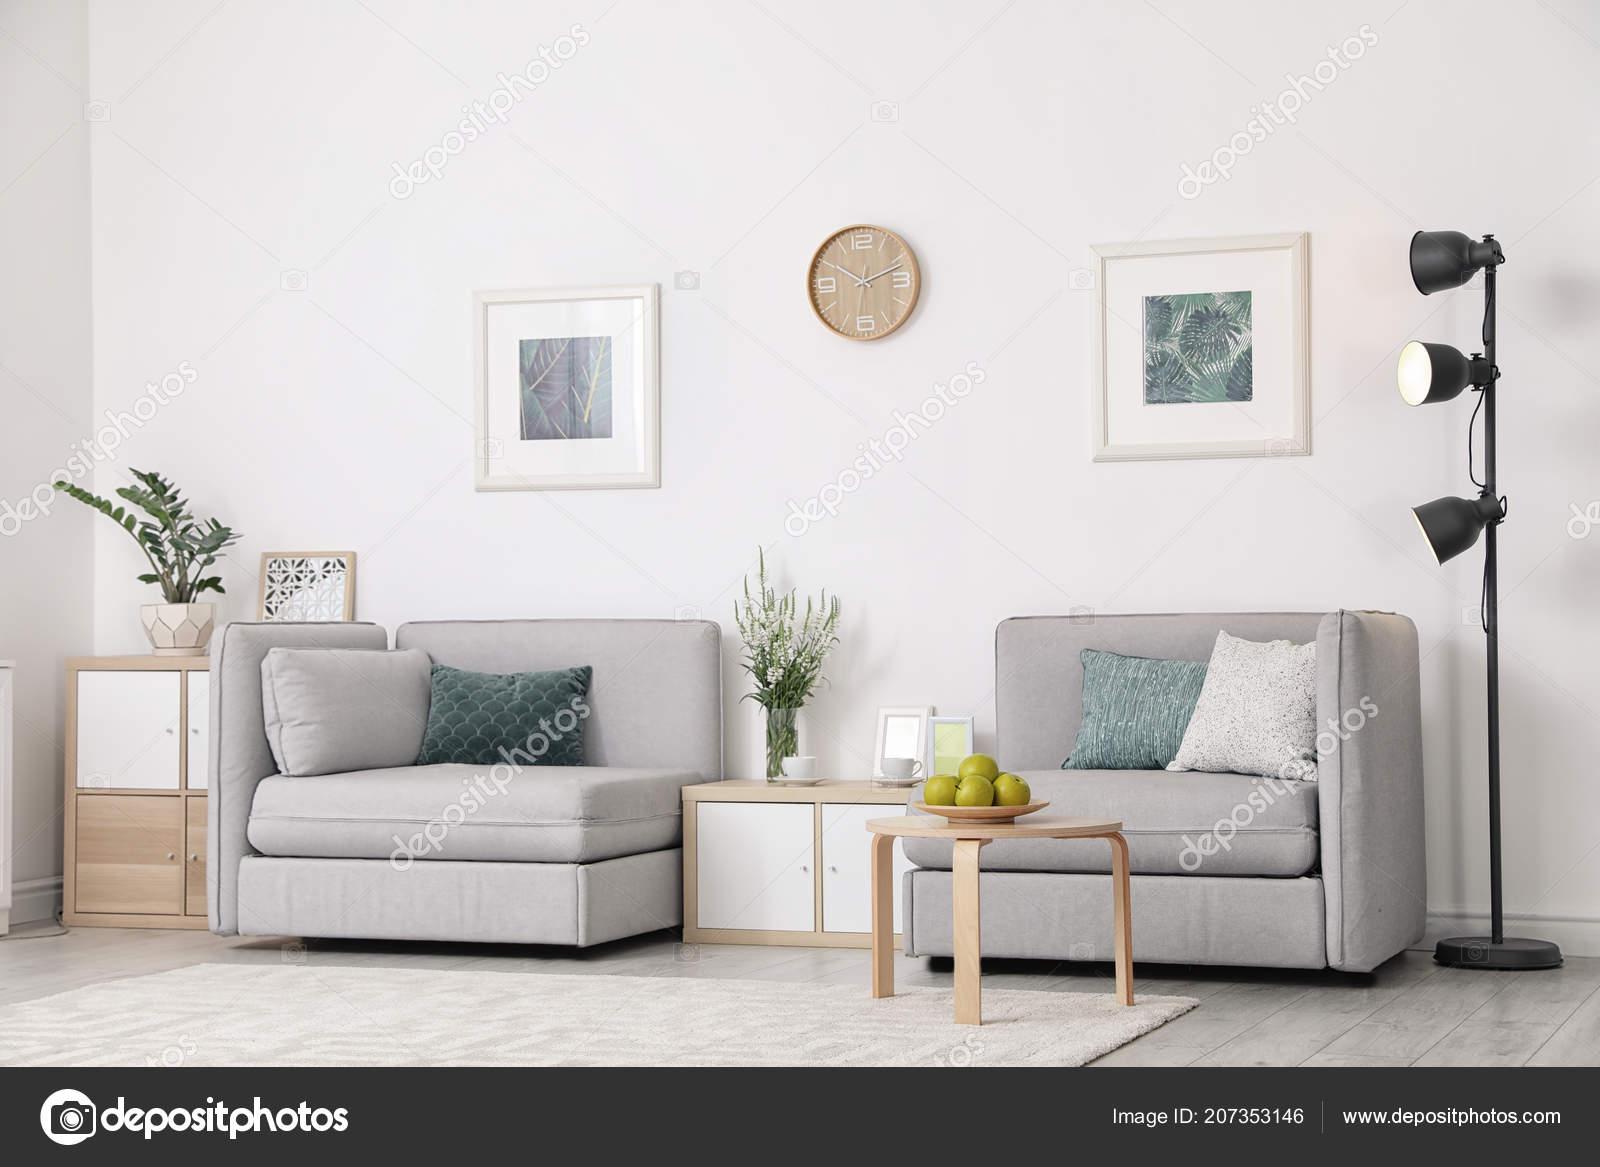 Interior Moderno Sala Estar Con Comodos Sillones Junto Pared Blanca - Sillones-comodos-y-modernos